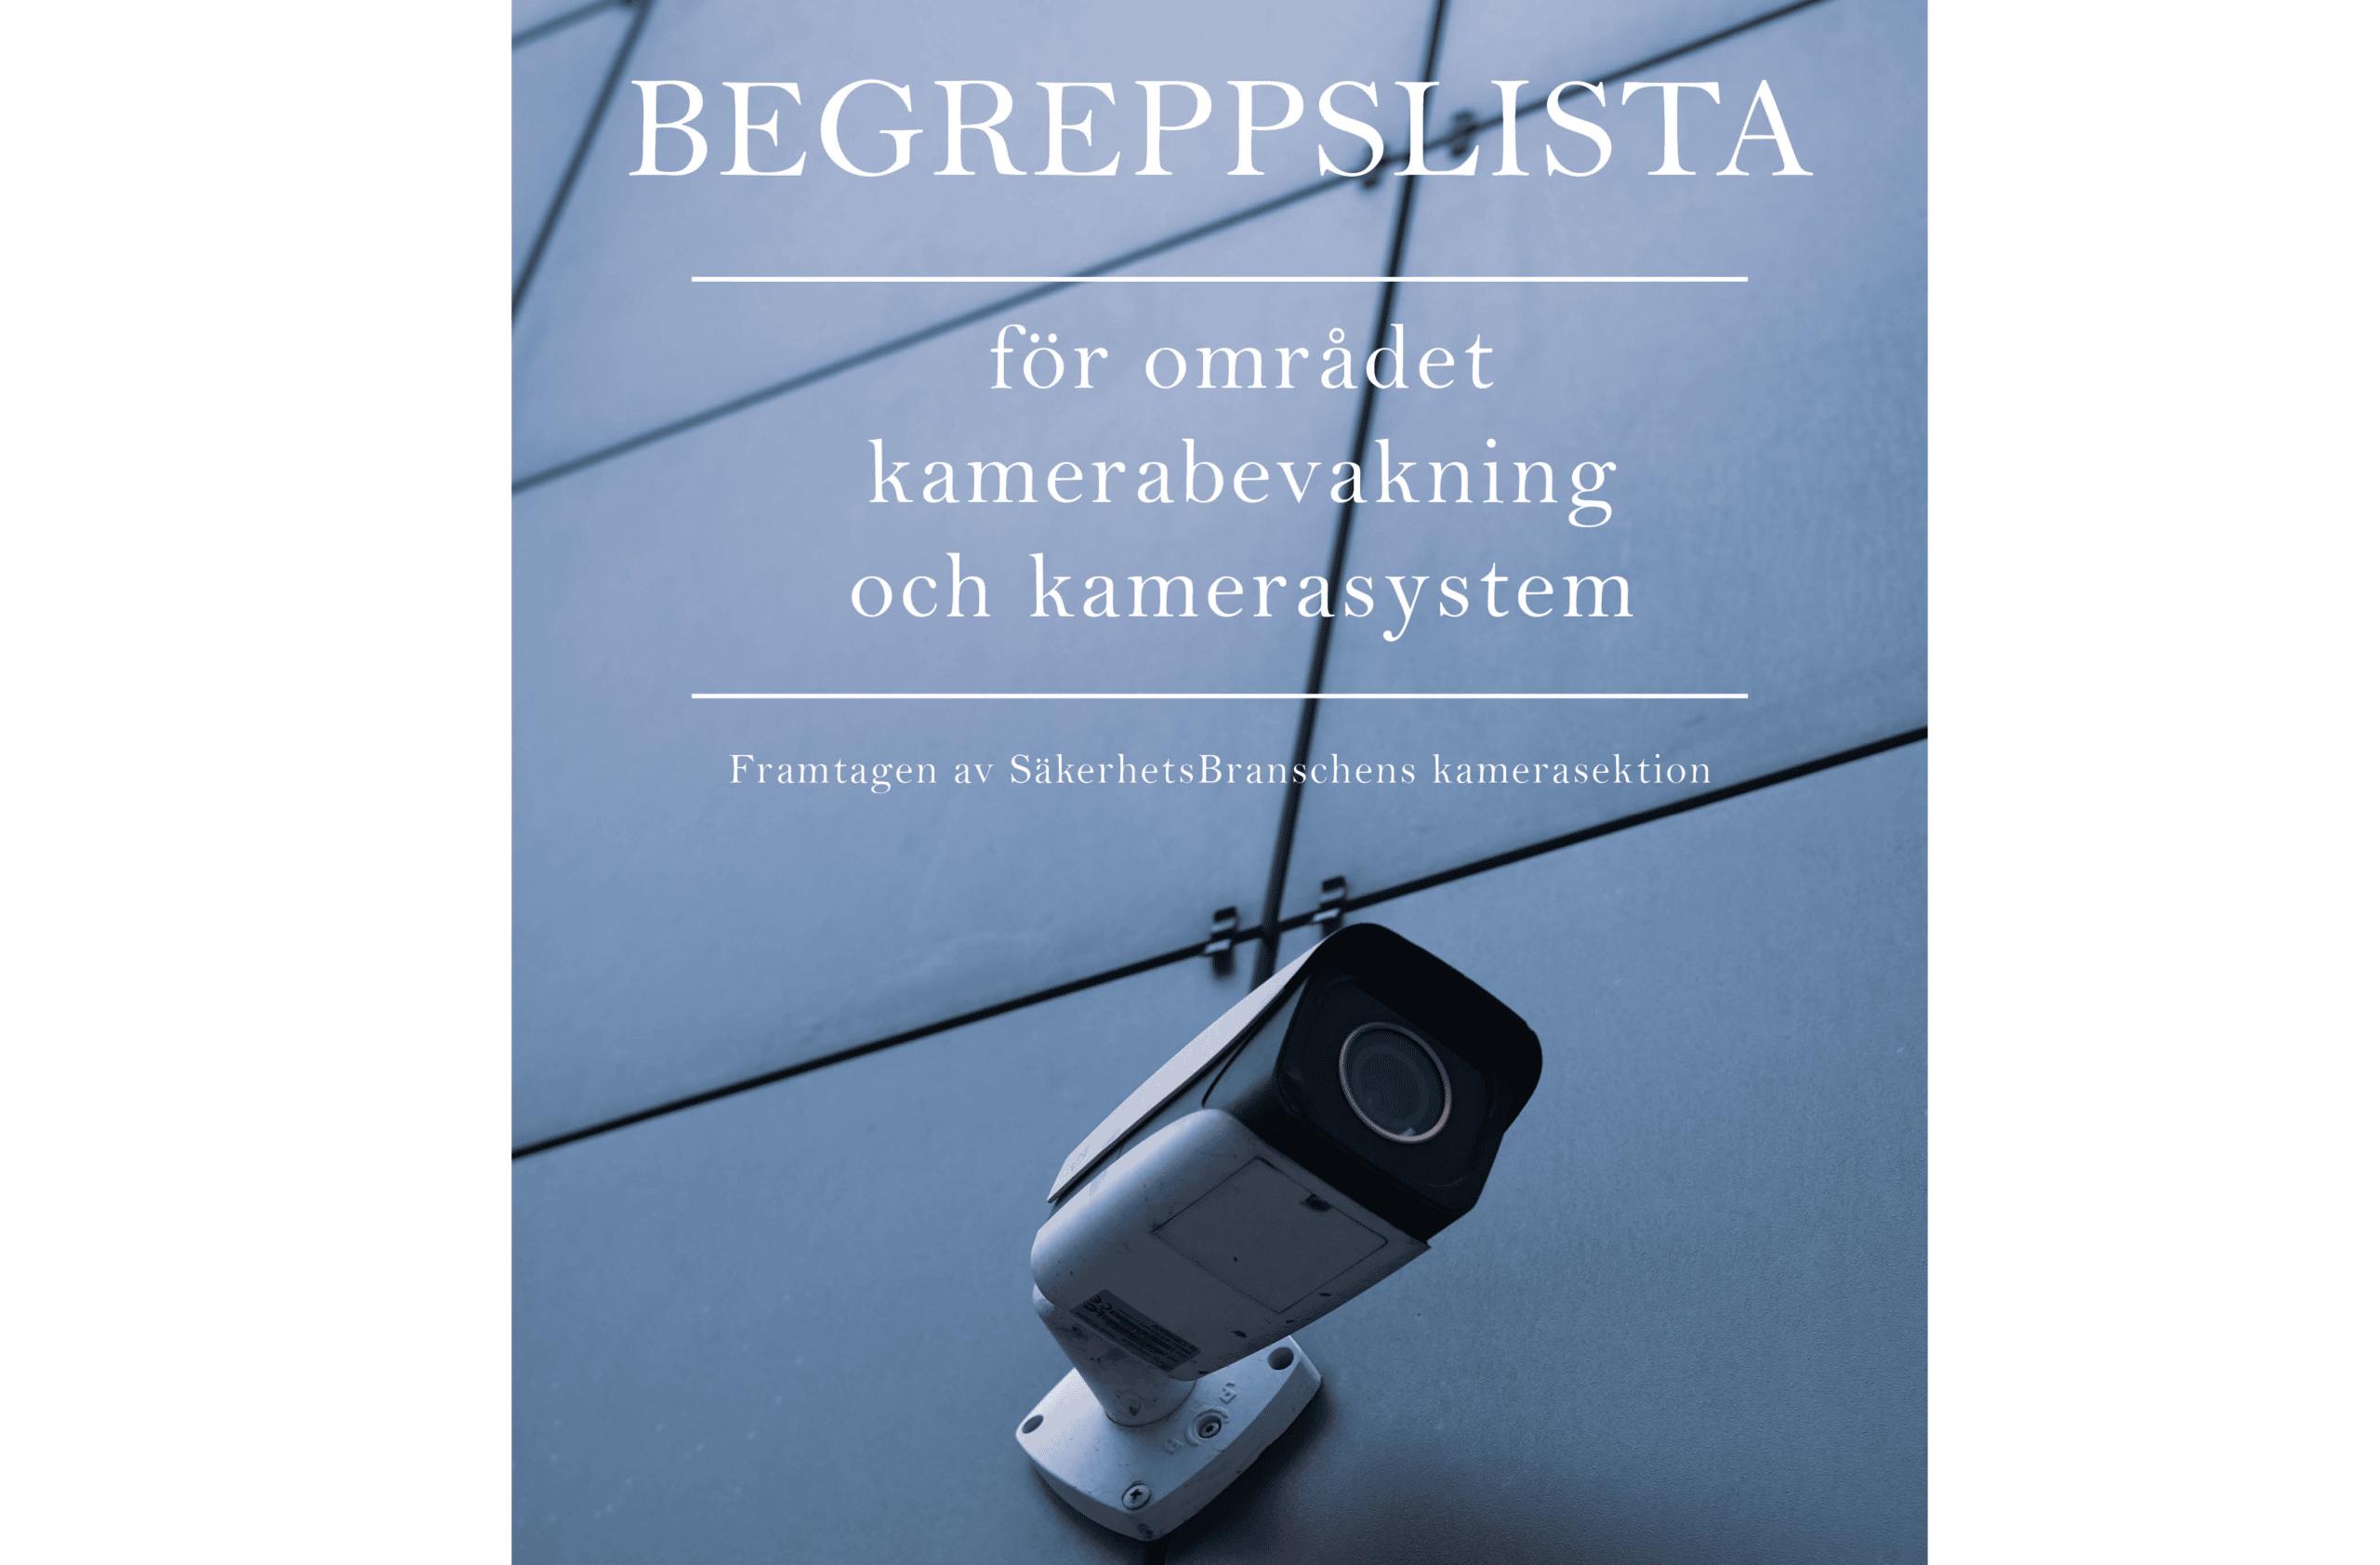 Nu publicerar vi en begreppslista för kamerabevakning och kamerasystem